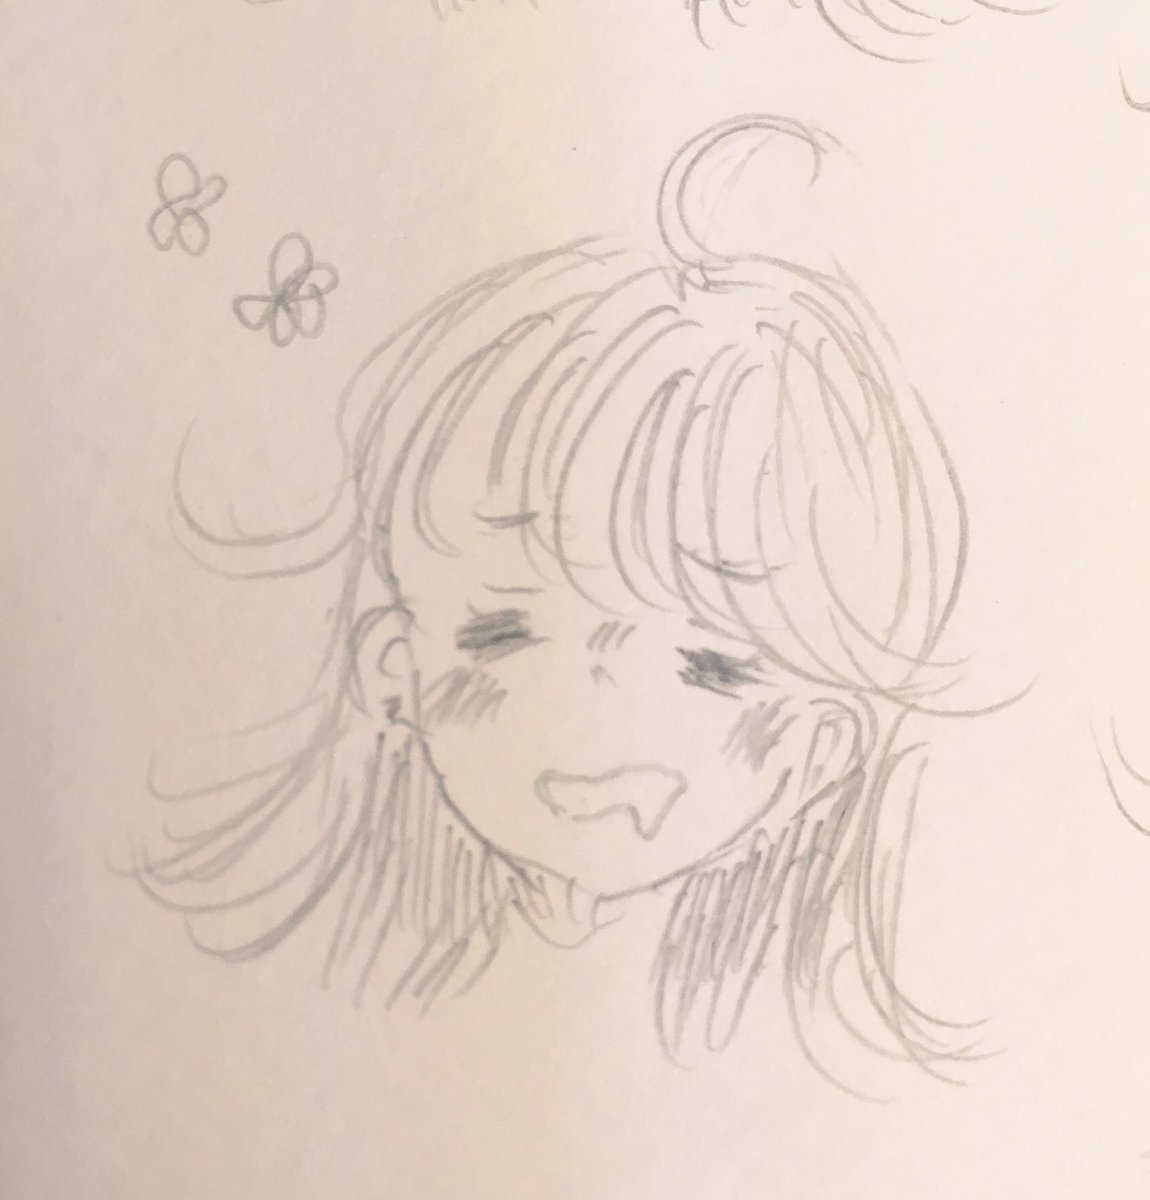 ユメノちゃんで表情練習 あくまで落書きだよ!!  お気に入りはこの2枚( ˘⊖˘)